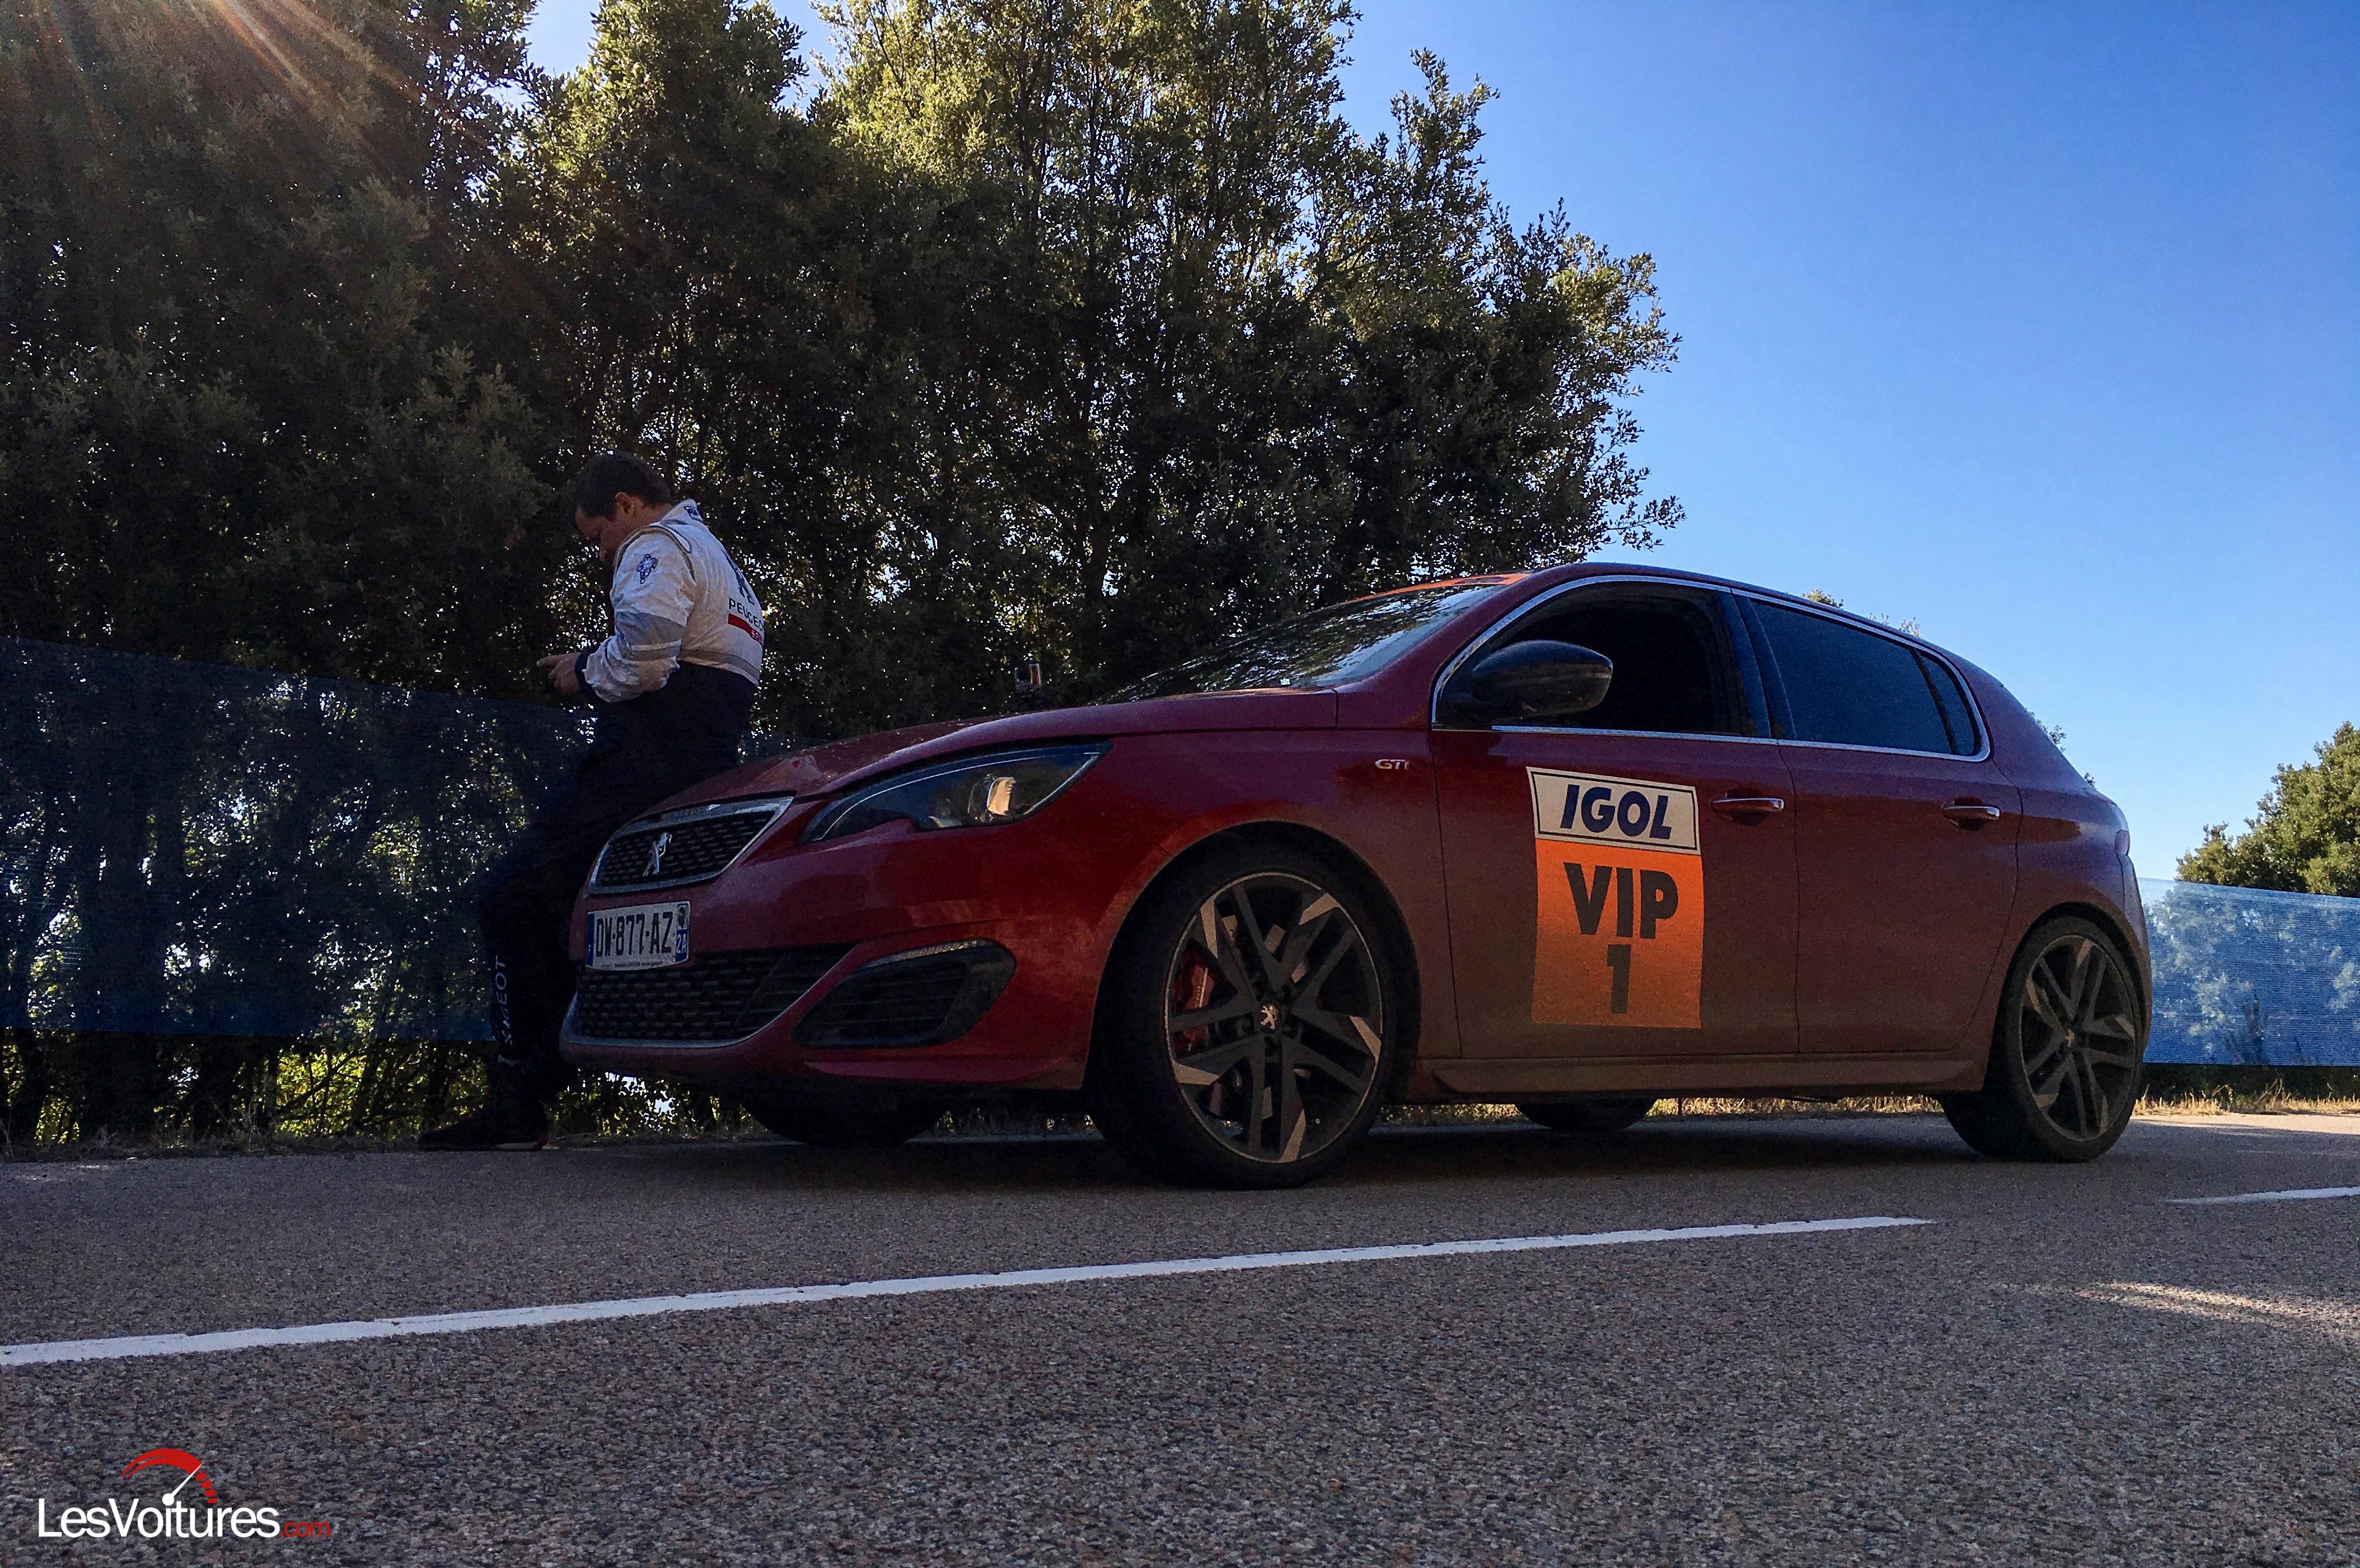 Tour-de-Corse-WRC-Peugeot-GTi-6